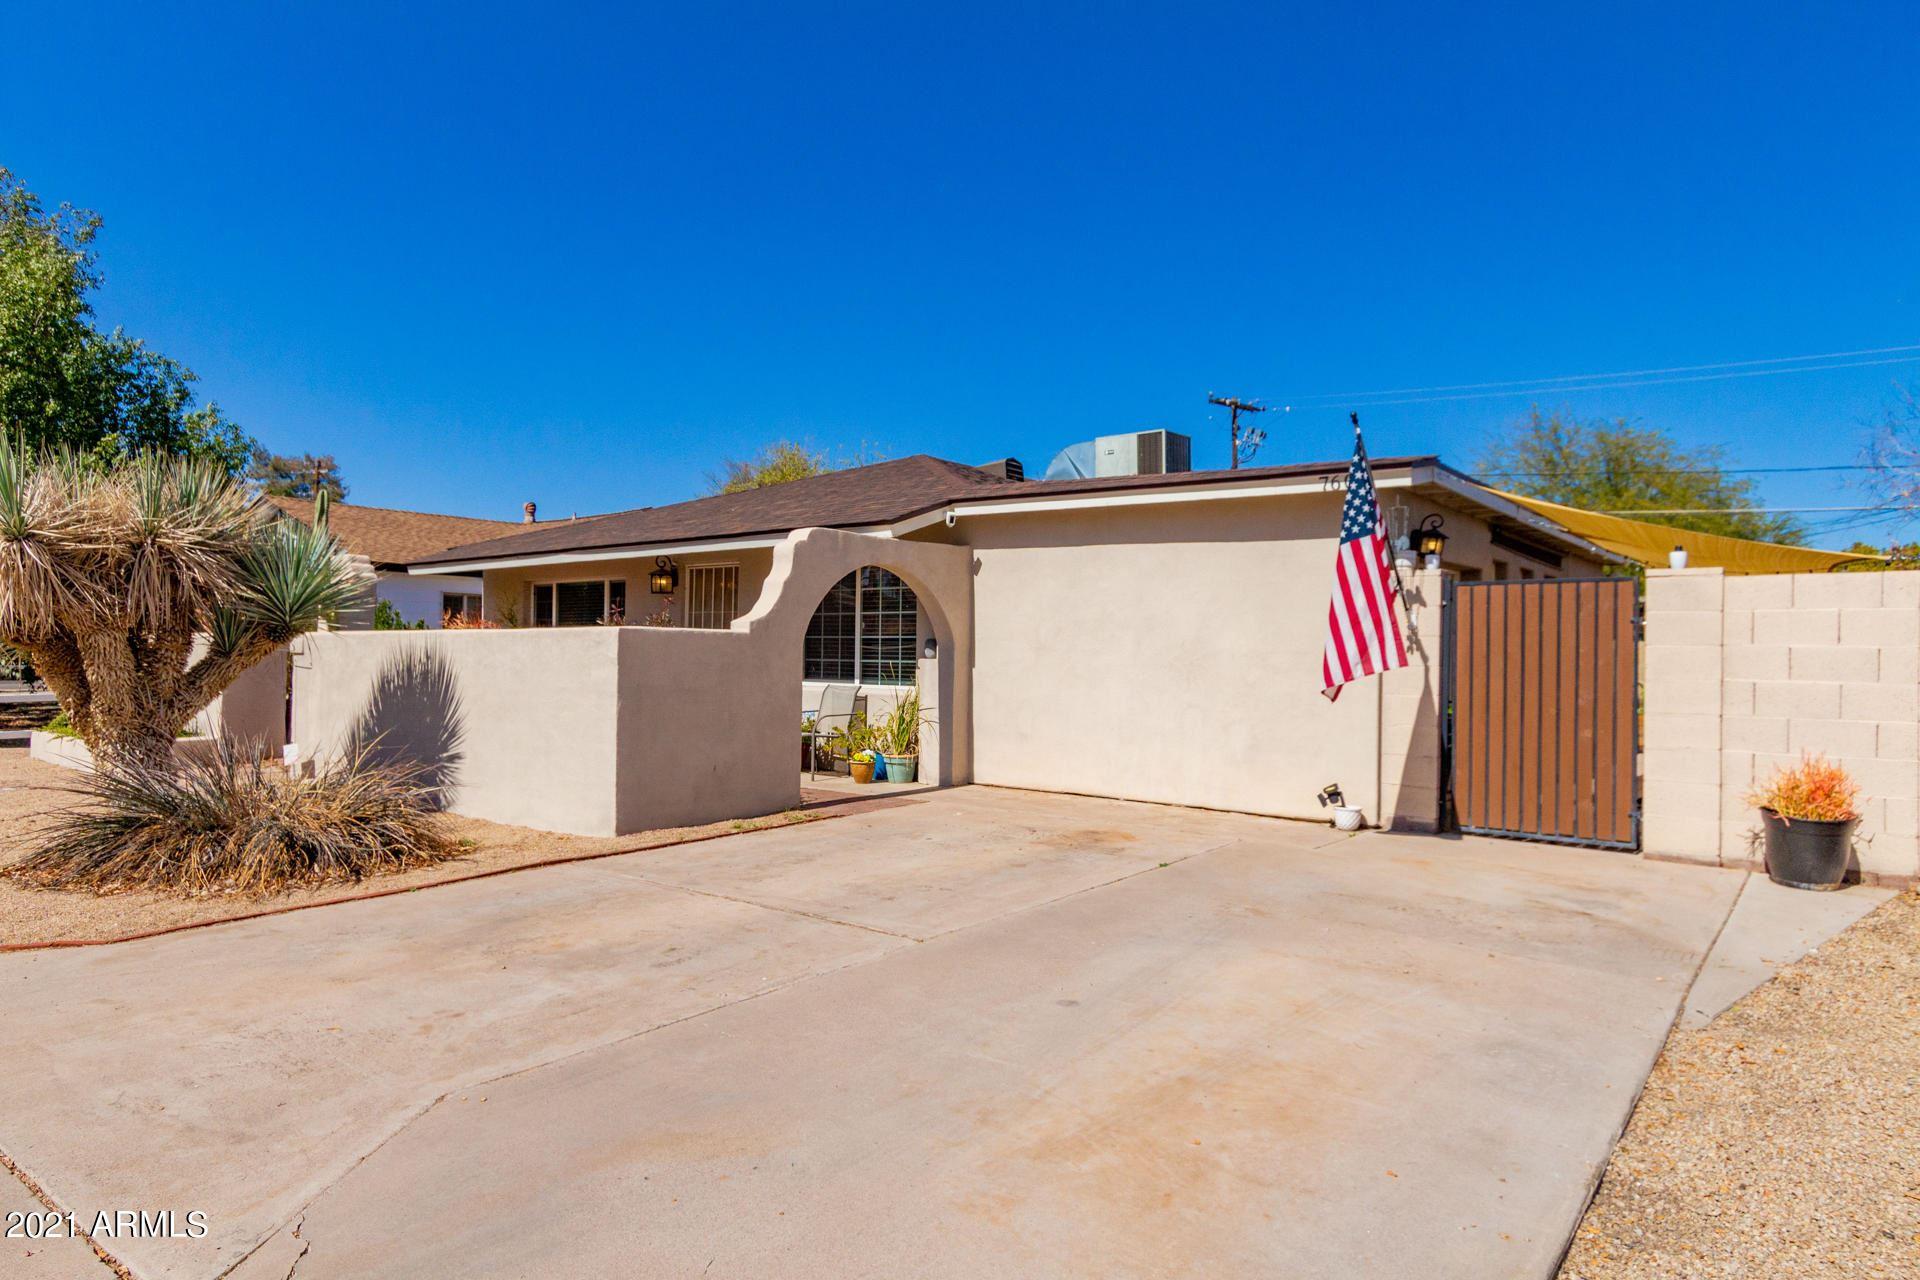 7608 E CATALINA Drive, Scottsdale, AZ 85251 - MLS#: 6200078